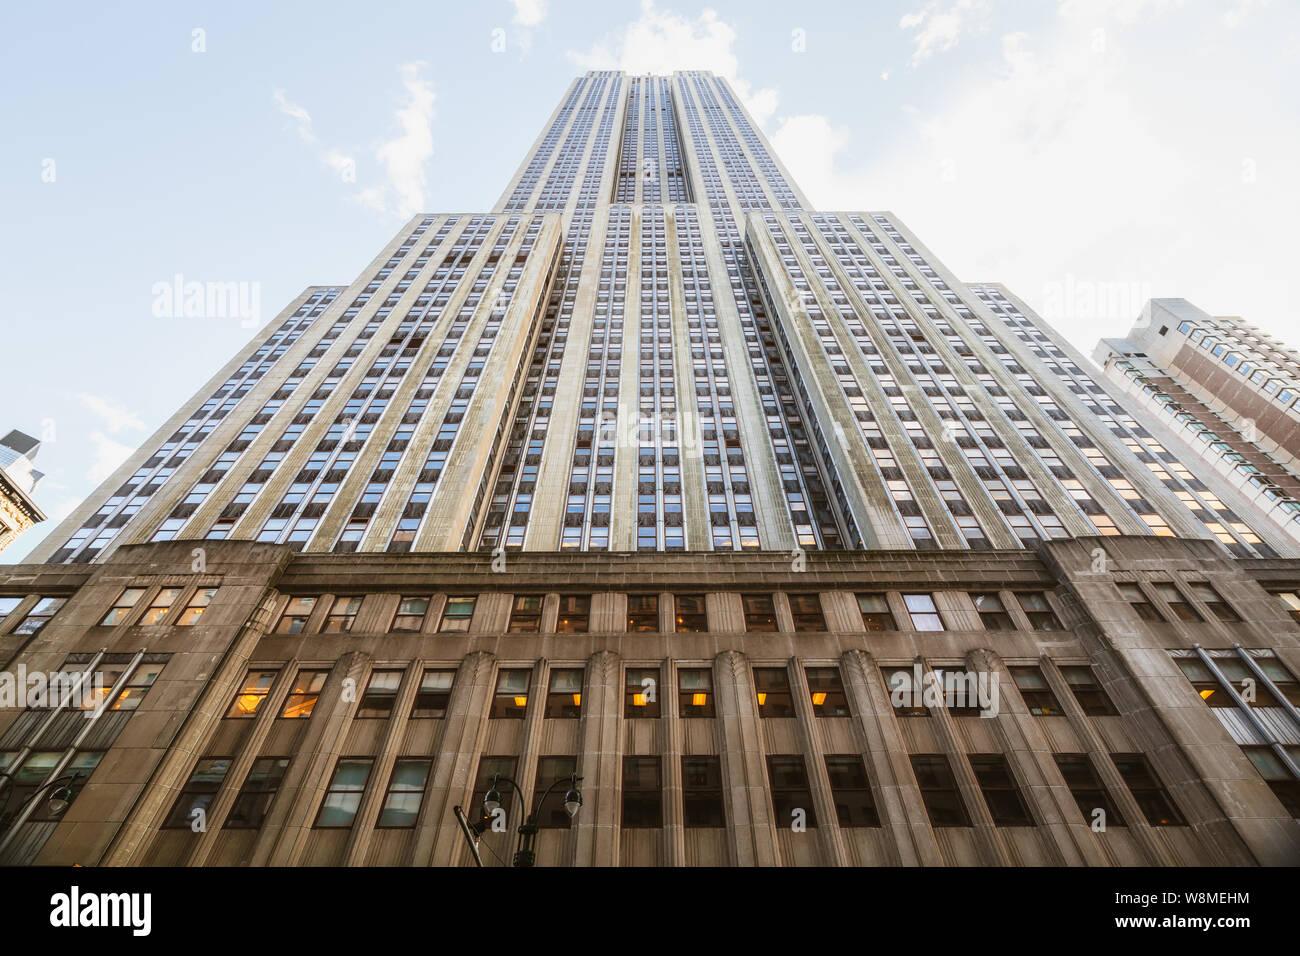 La Ciudad de Nueva York/EE.UU. -el 27 de mayo de 2019, el Empire State Building. Bajo Ángulo de visión, perspectiva, cielo azul de fondo. Histórico de la ciudad de Nueva York. Foto de stock